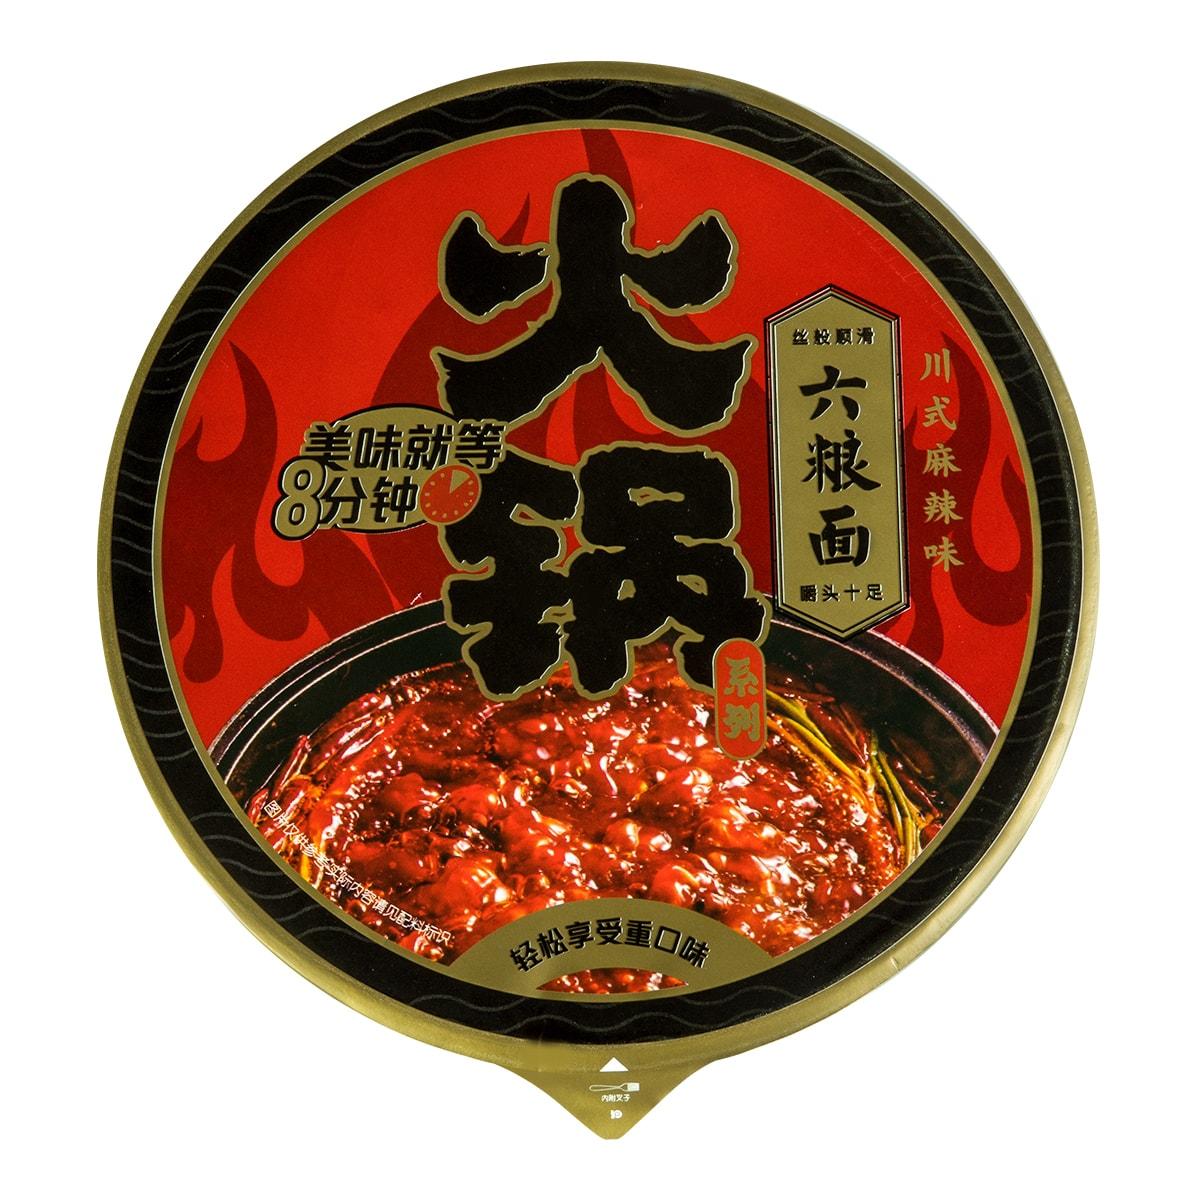 玖玖爱 六粮面非油炸方便面 川式麻辣味 桶装 126g 鹿晗代言